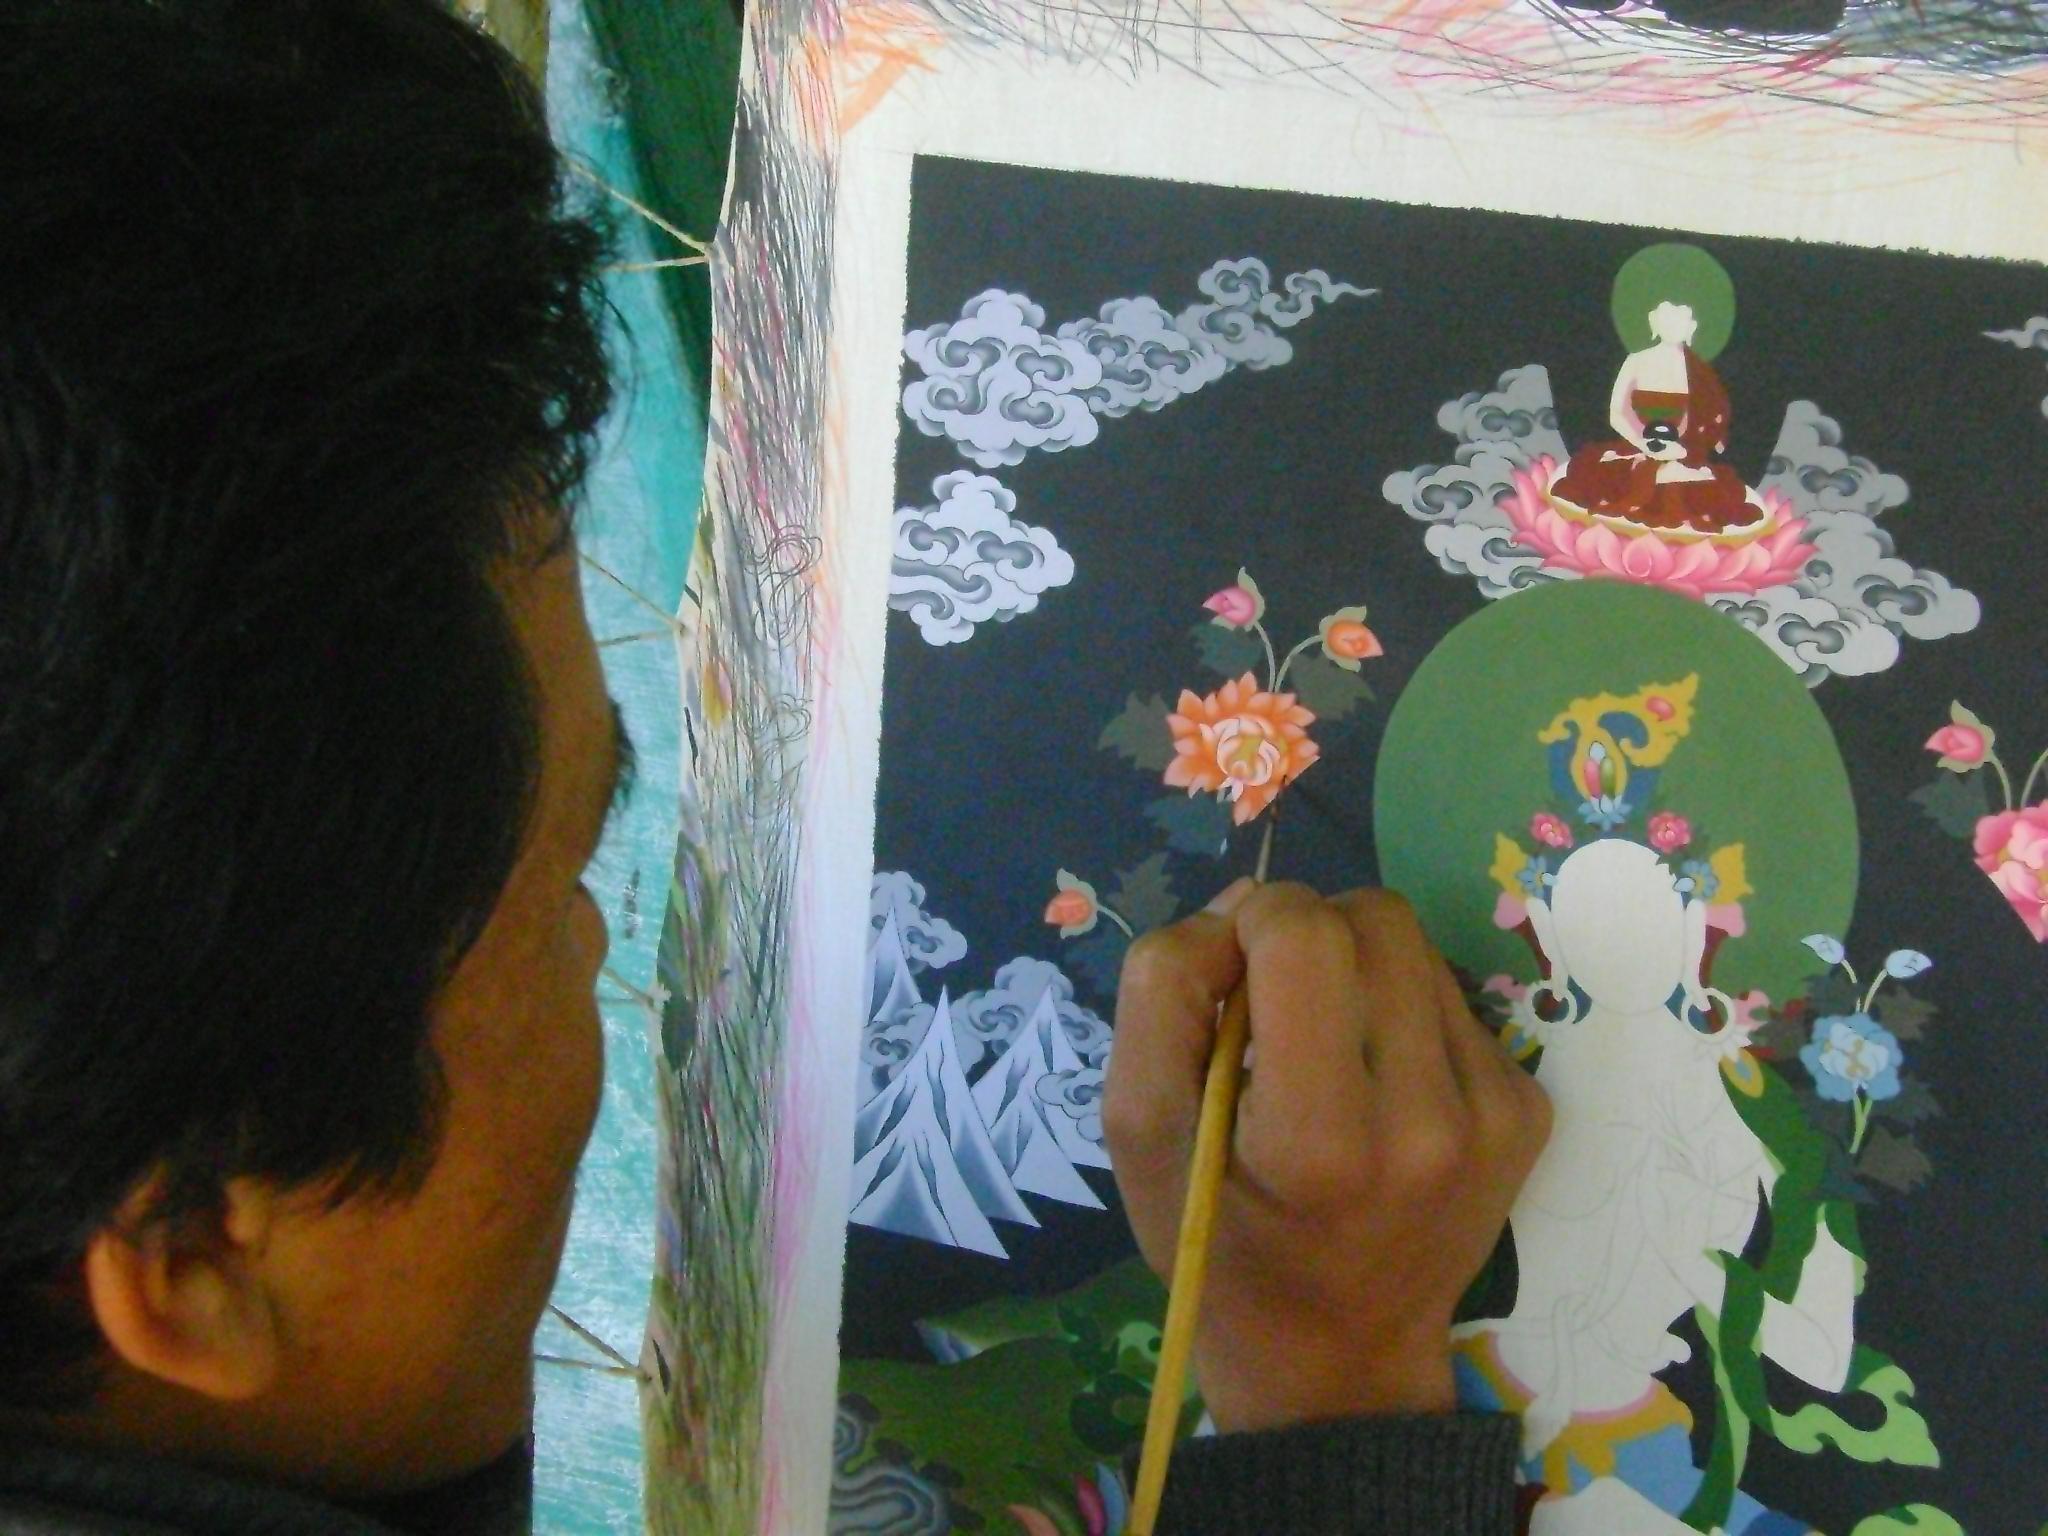 Para o artista Pashupati Lama, que necessita um dia para pintar